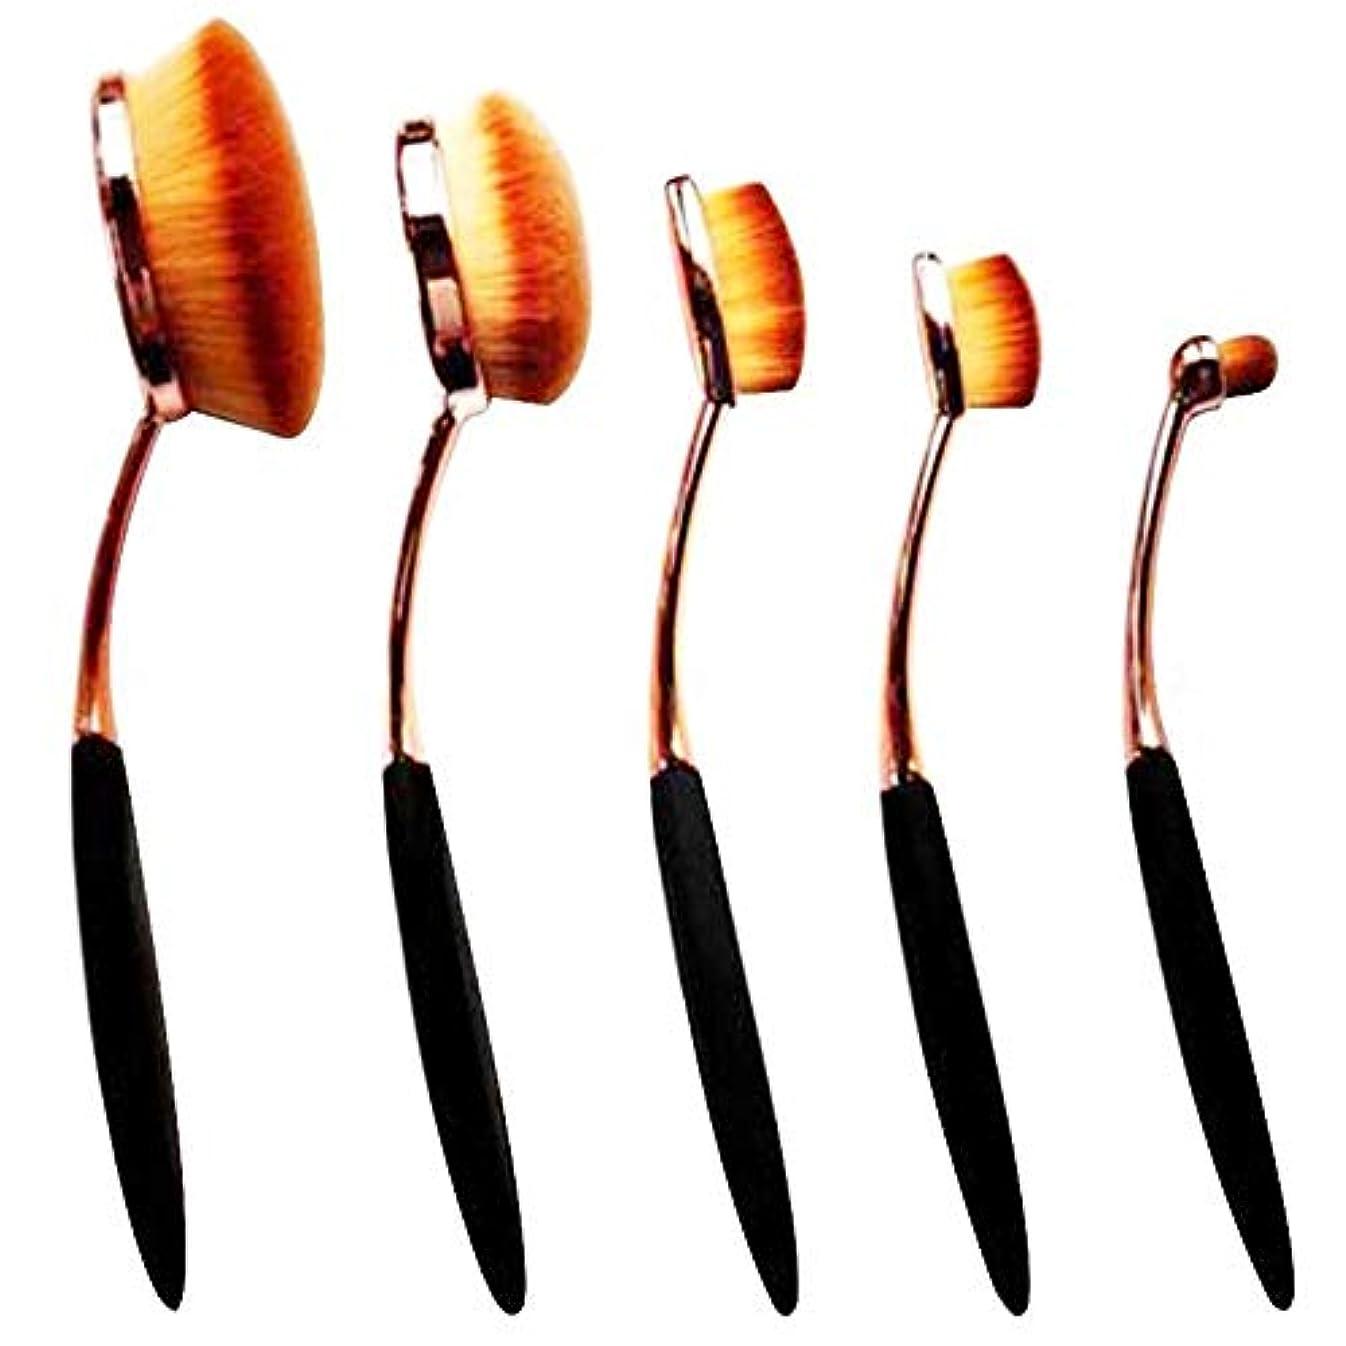 唇工夫するどっちでも5個 専用 化粧ブラシ 歯ブラシ型 高級繊維毛 ファンデーションブラシ メイクブラシ メイクアップブラシ コスメ 化粧 ファンデーションブラシ